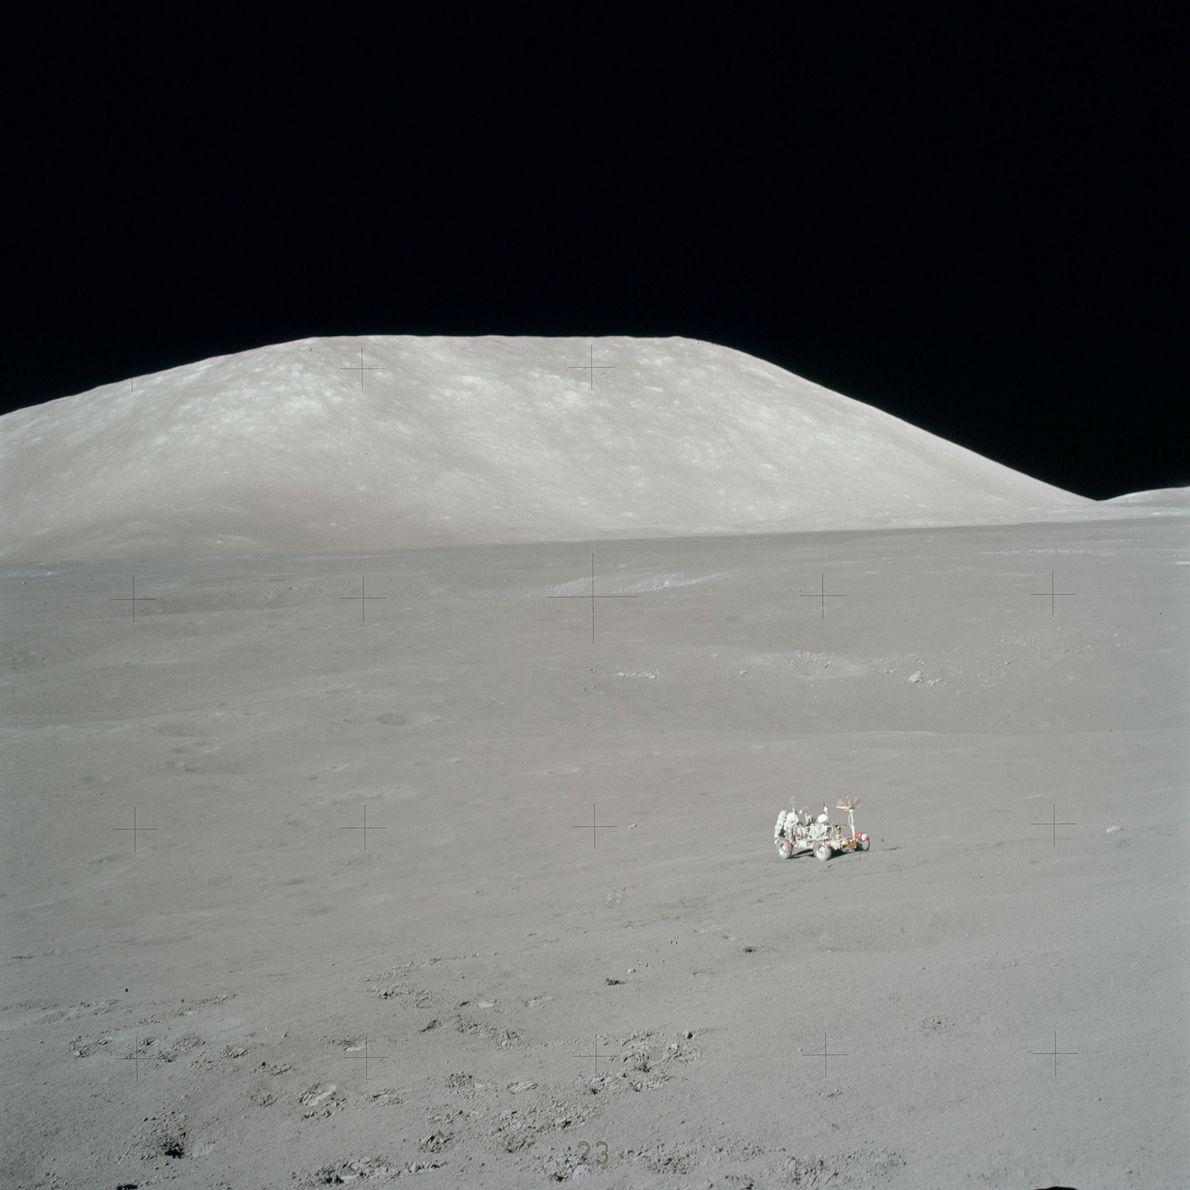 La NASA diseñó el rover lunar